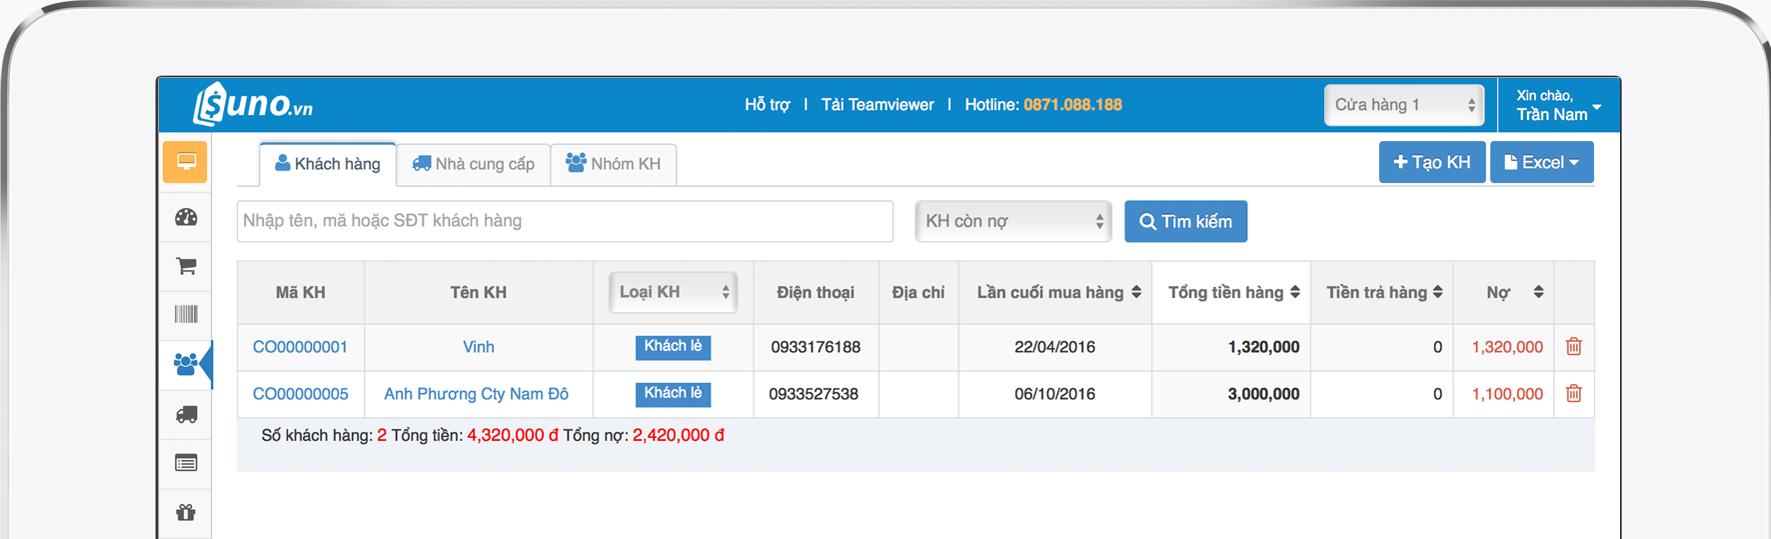 Phần mềm quản lý bán hàng và công nợ - khách hàng nợ